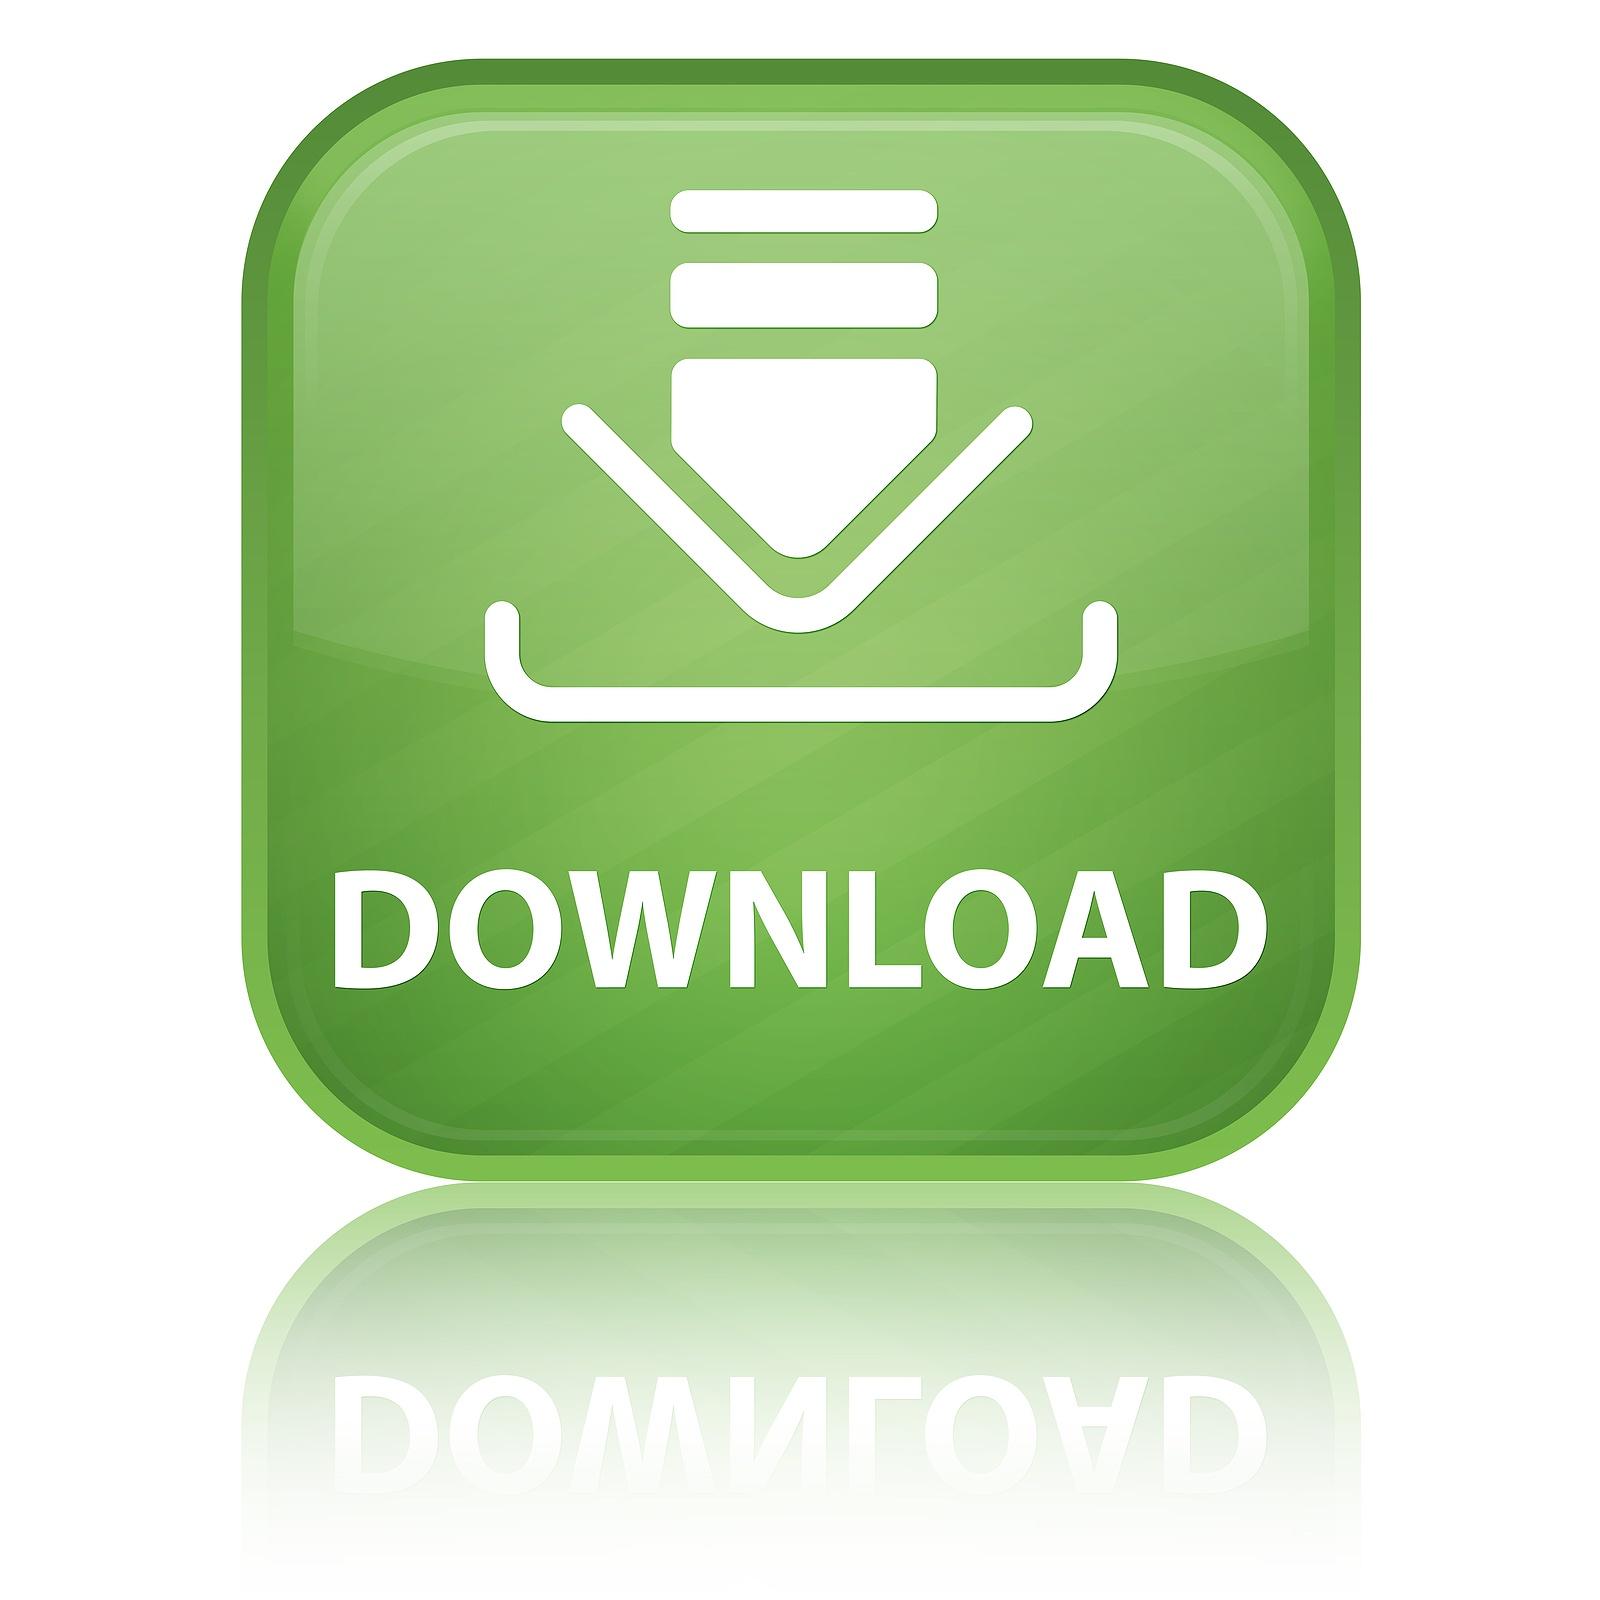 Starten Sie den Download durch Drücken der grünen Download Taste